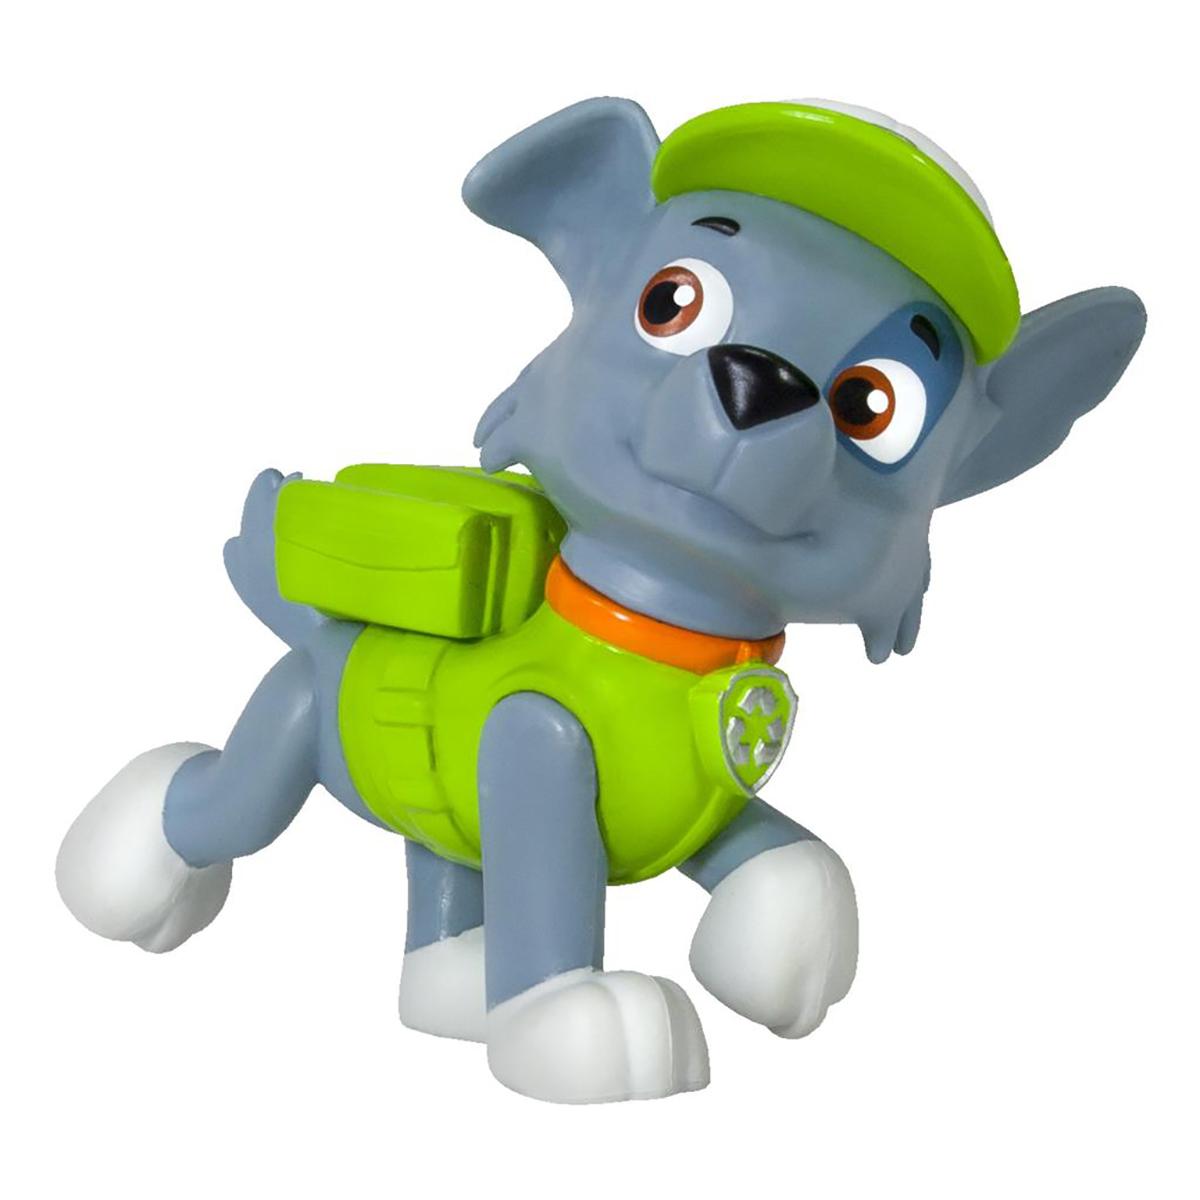 figurina paw patrol - rocky cainele care recicleaza, 6.6 cm